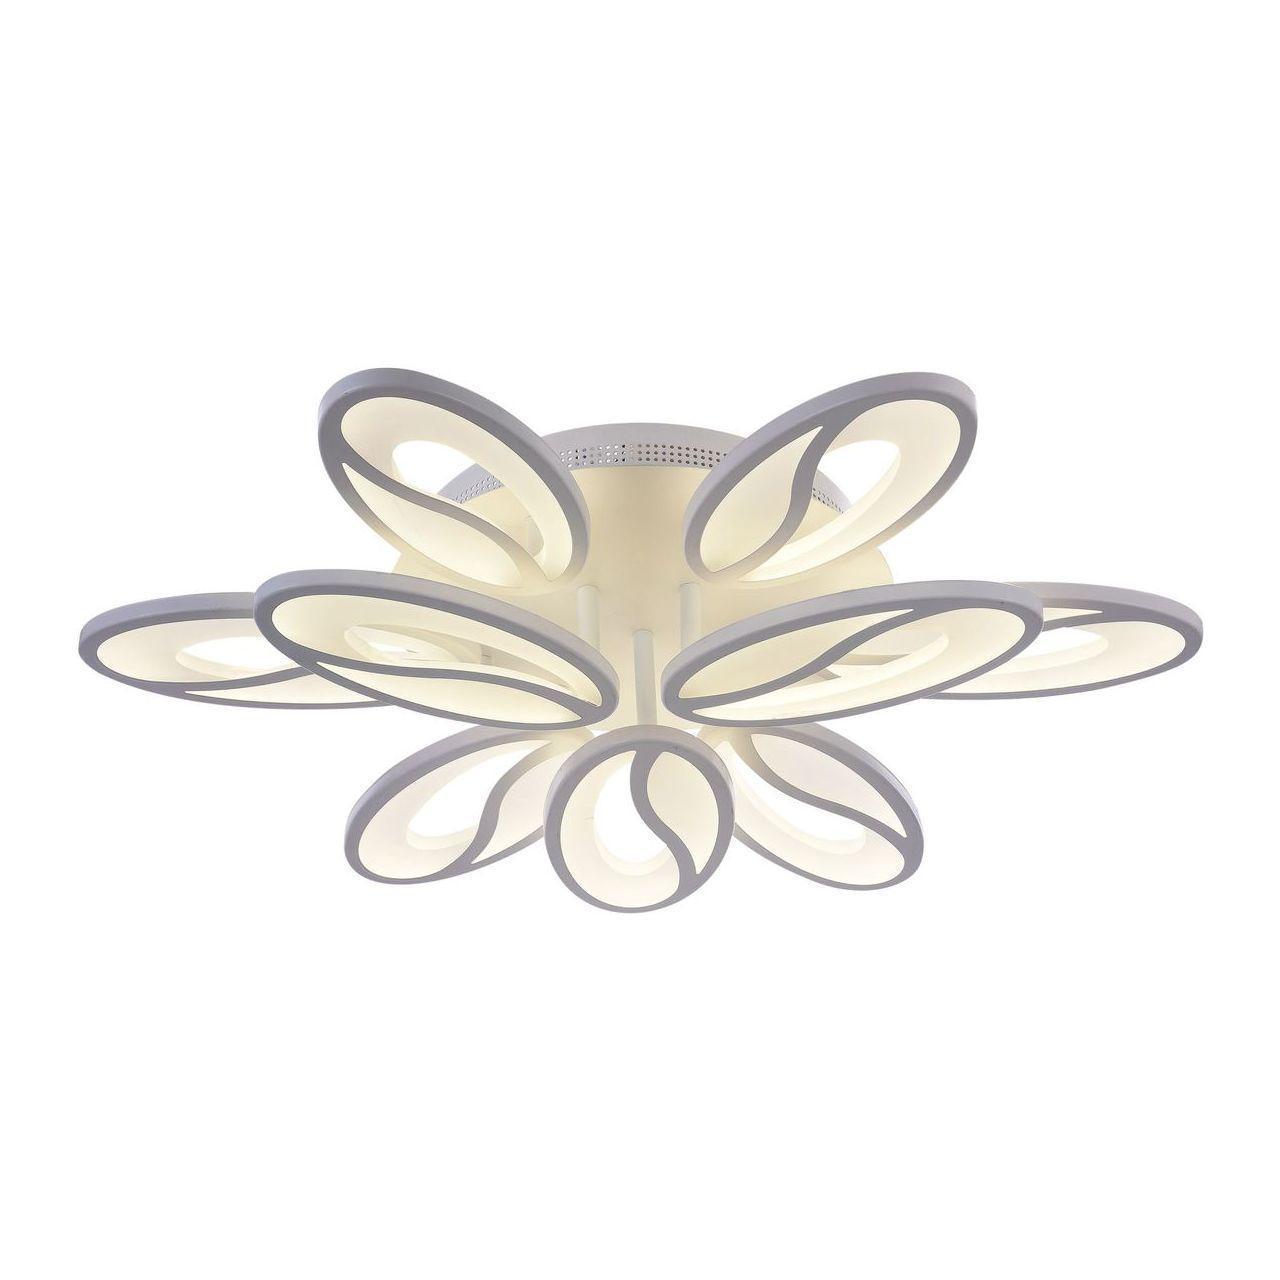 Люстра Freya Mila FR6682-CL-L90W потолочная потолочная люстра freya fr5102 cl 04 ch